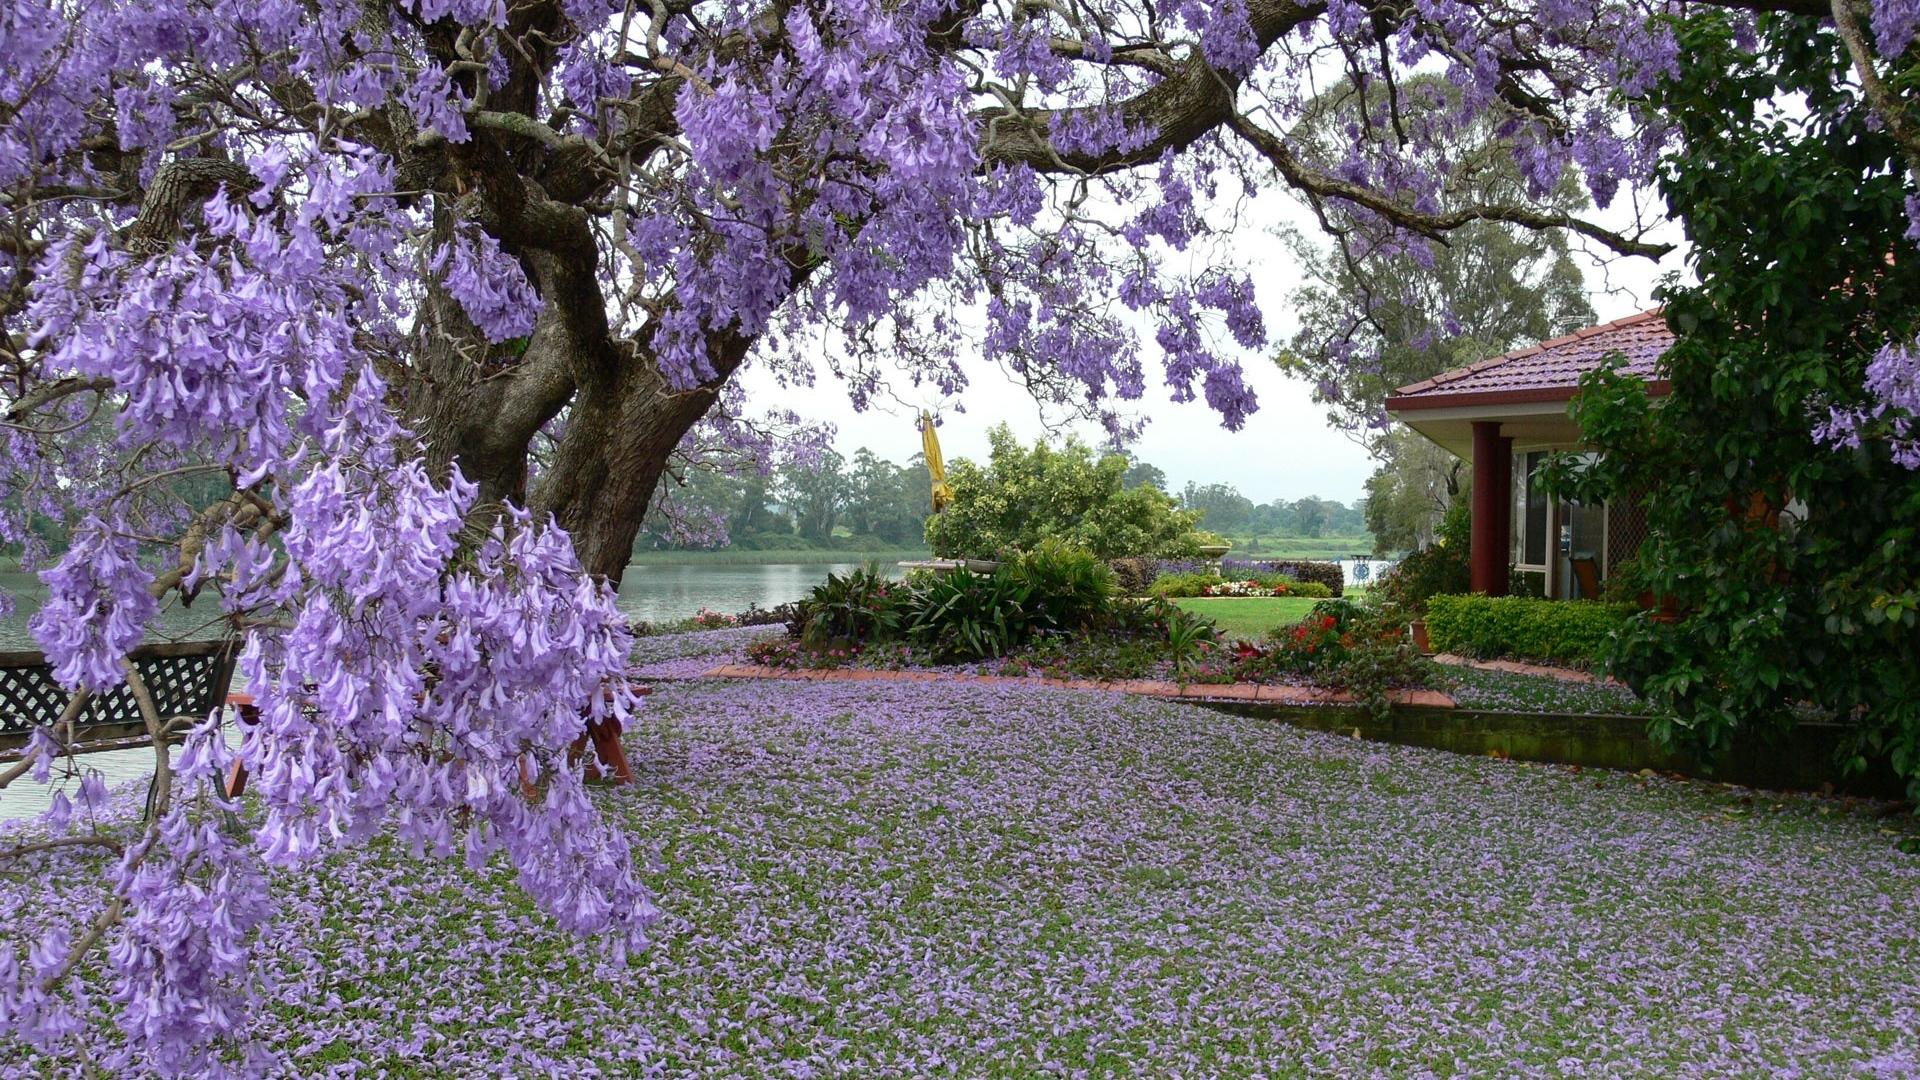 عکس طبیعت بهاری با کیفیت بالا